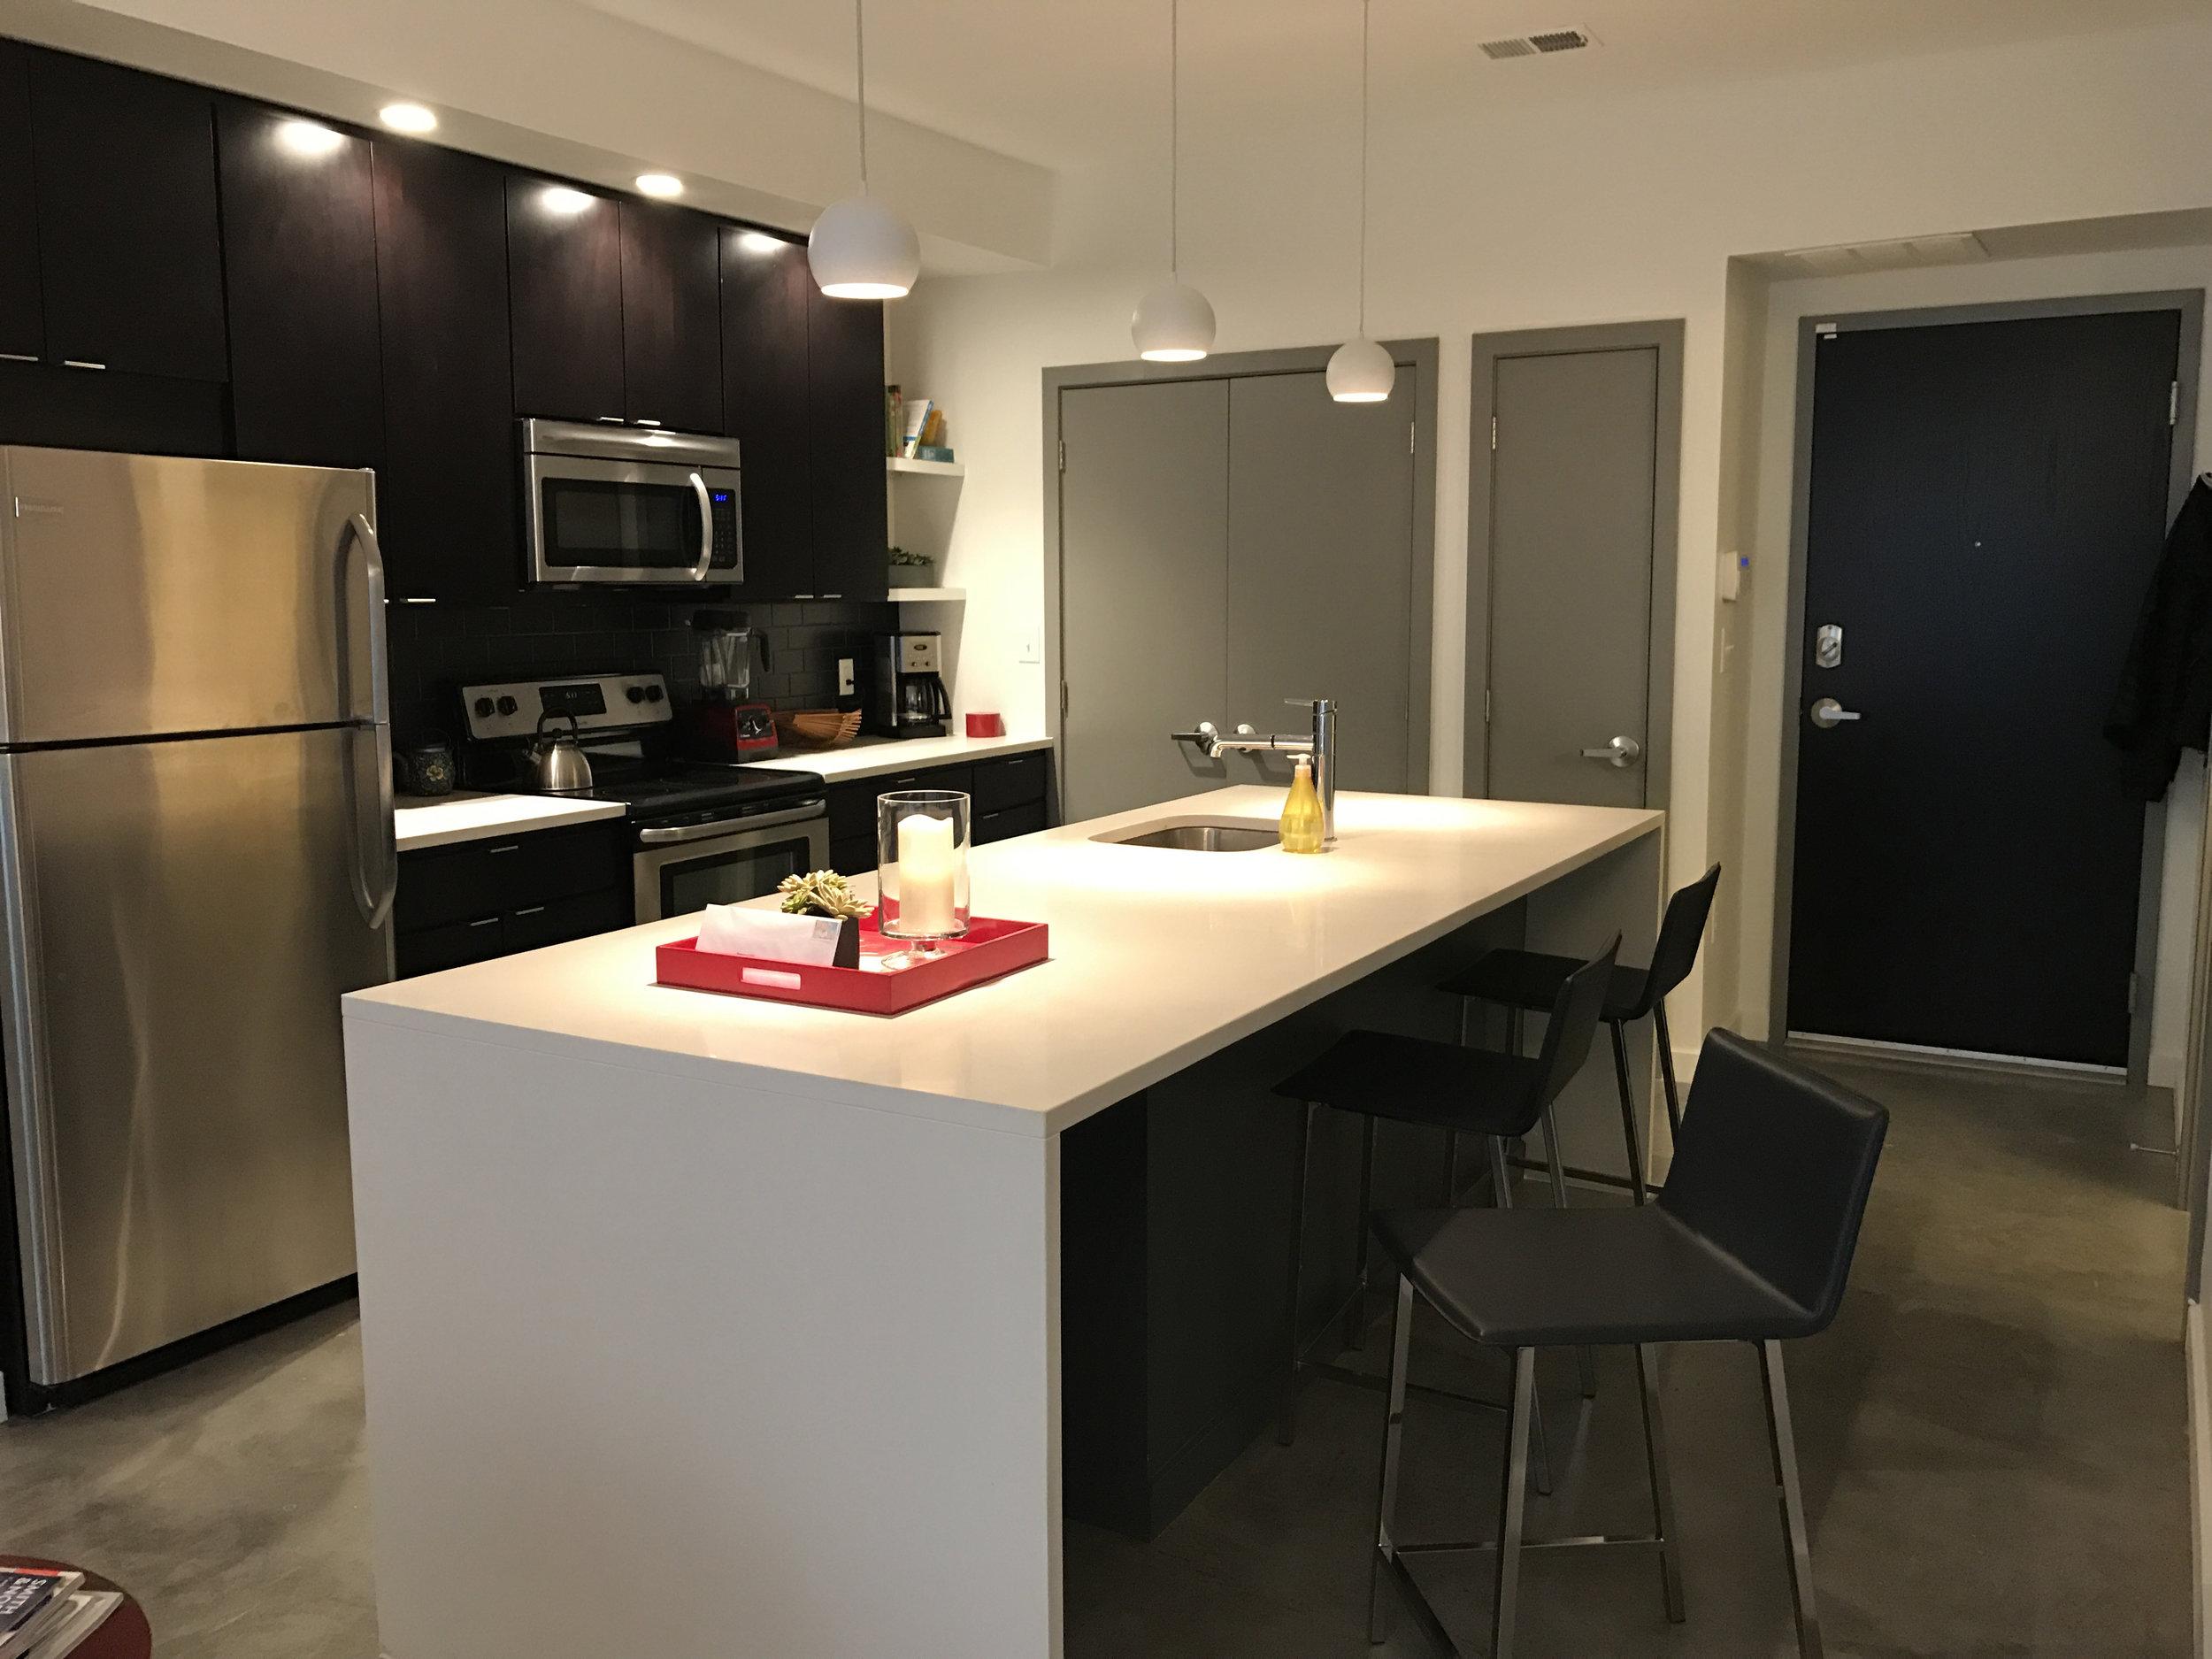 slate_kitchen_studio.jpg